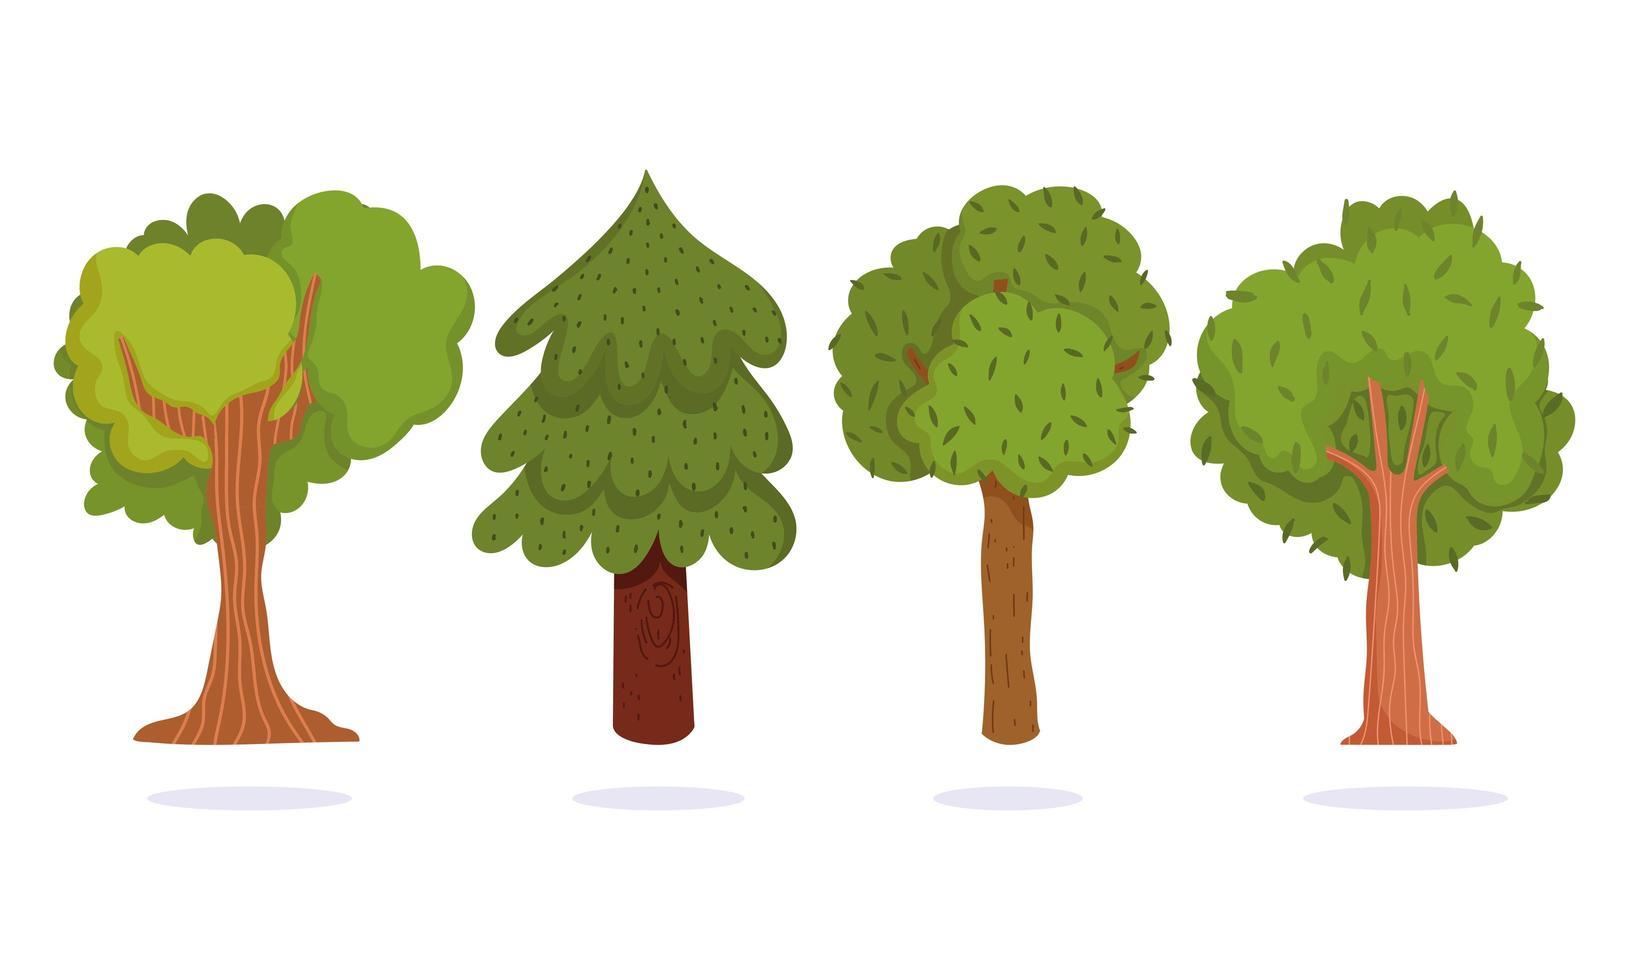 árvores verdes. floresta botânica folhagem natureza vetor